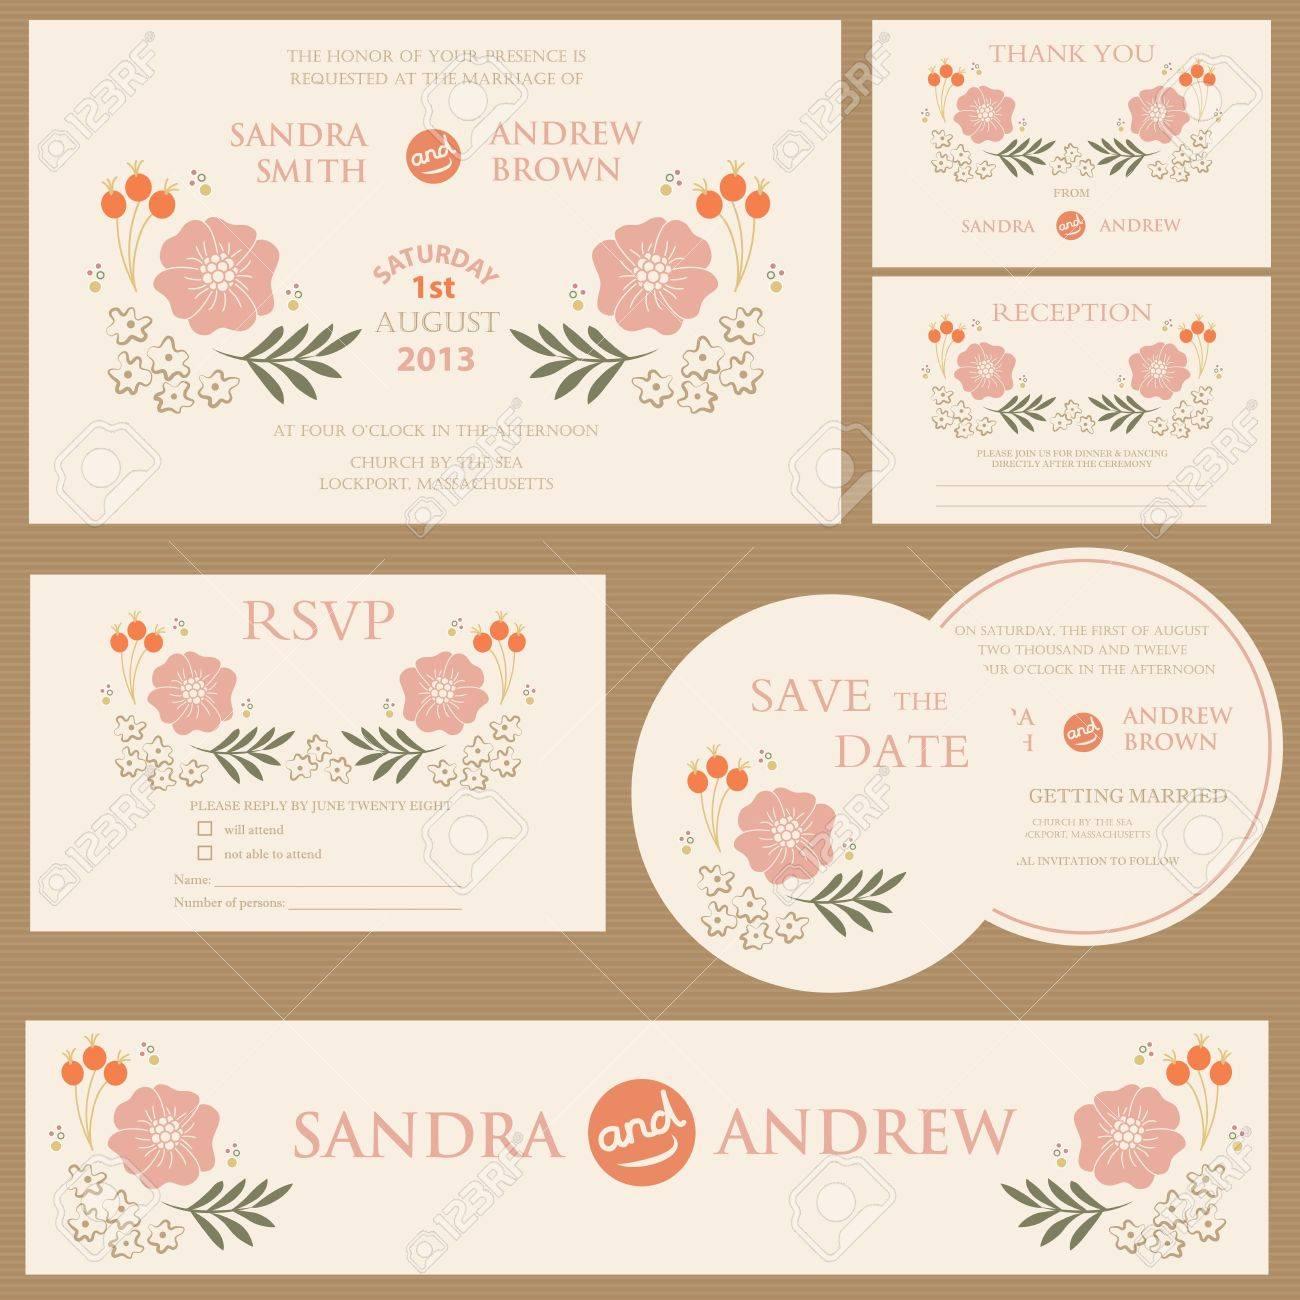 Beautiful vintage wedding invitation cards - 20861442